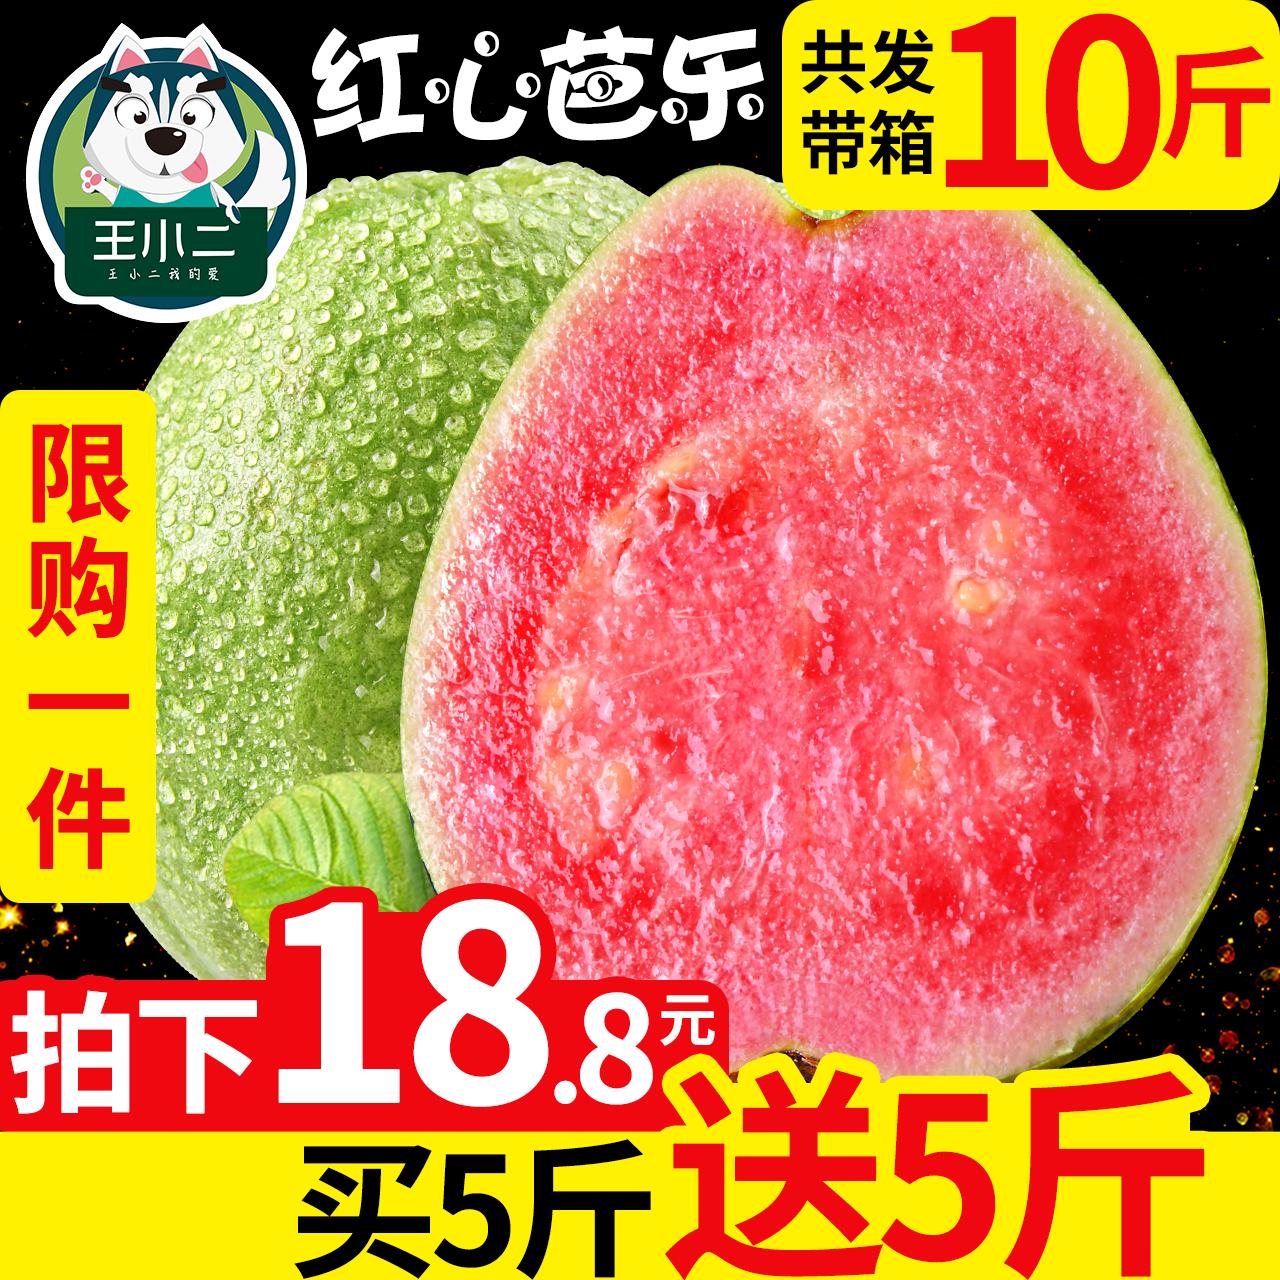 买1送1 广西红心芭乐果番石榴水果新鲜批发包邮当应季带箱10斤